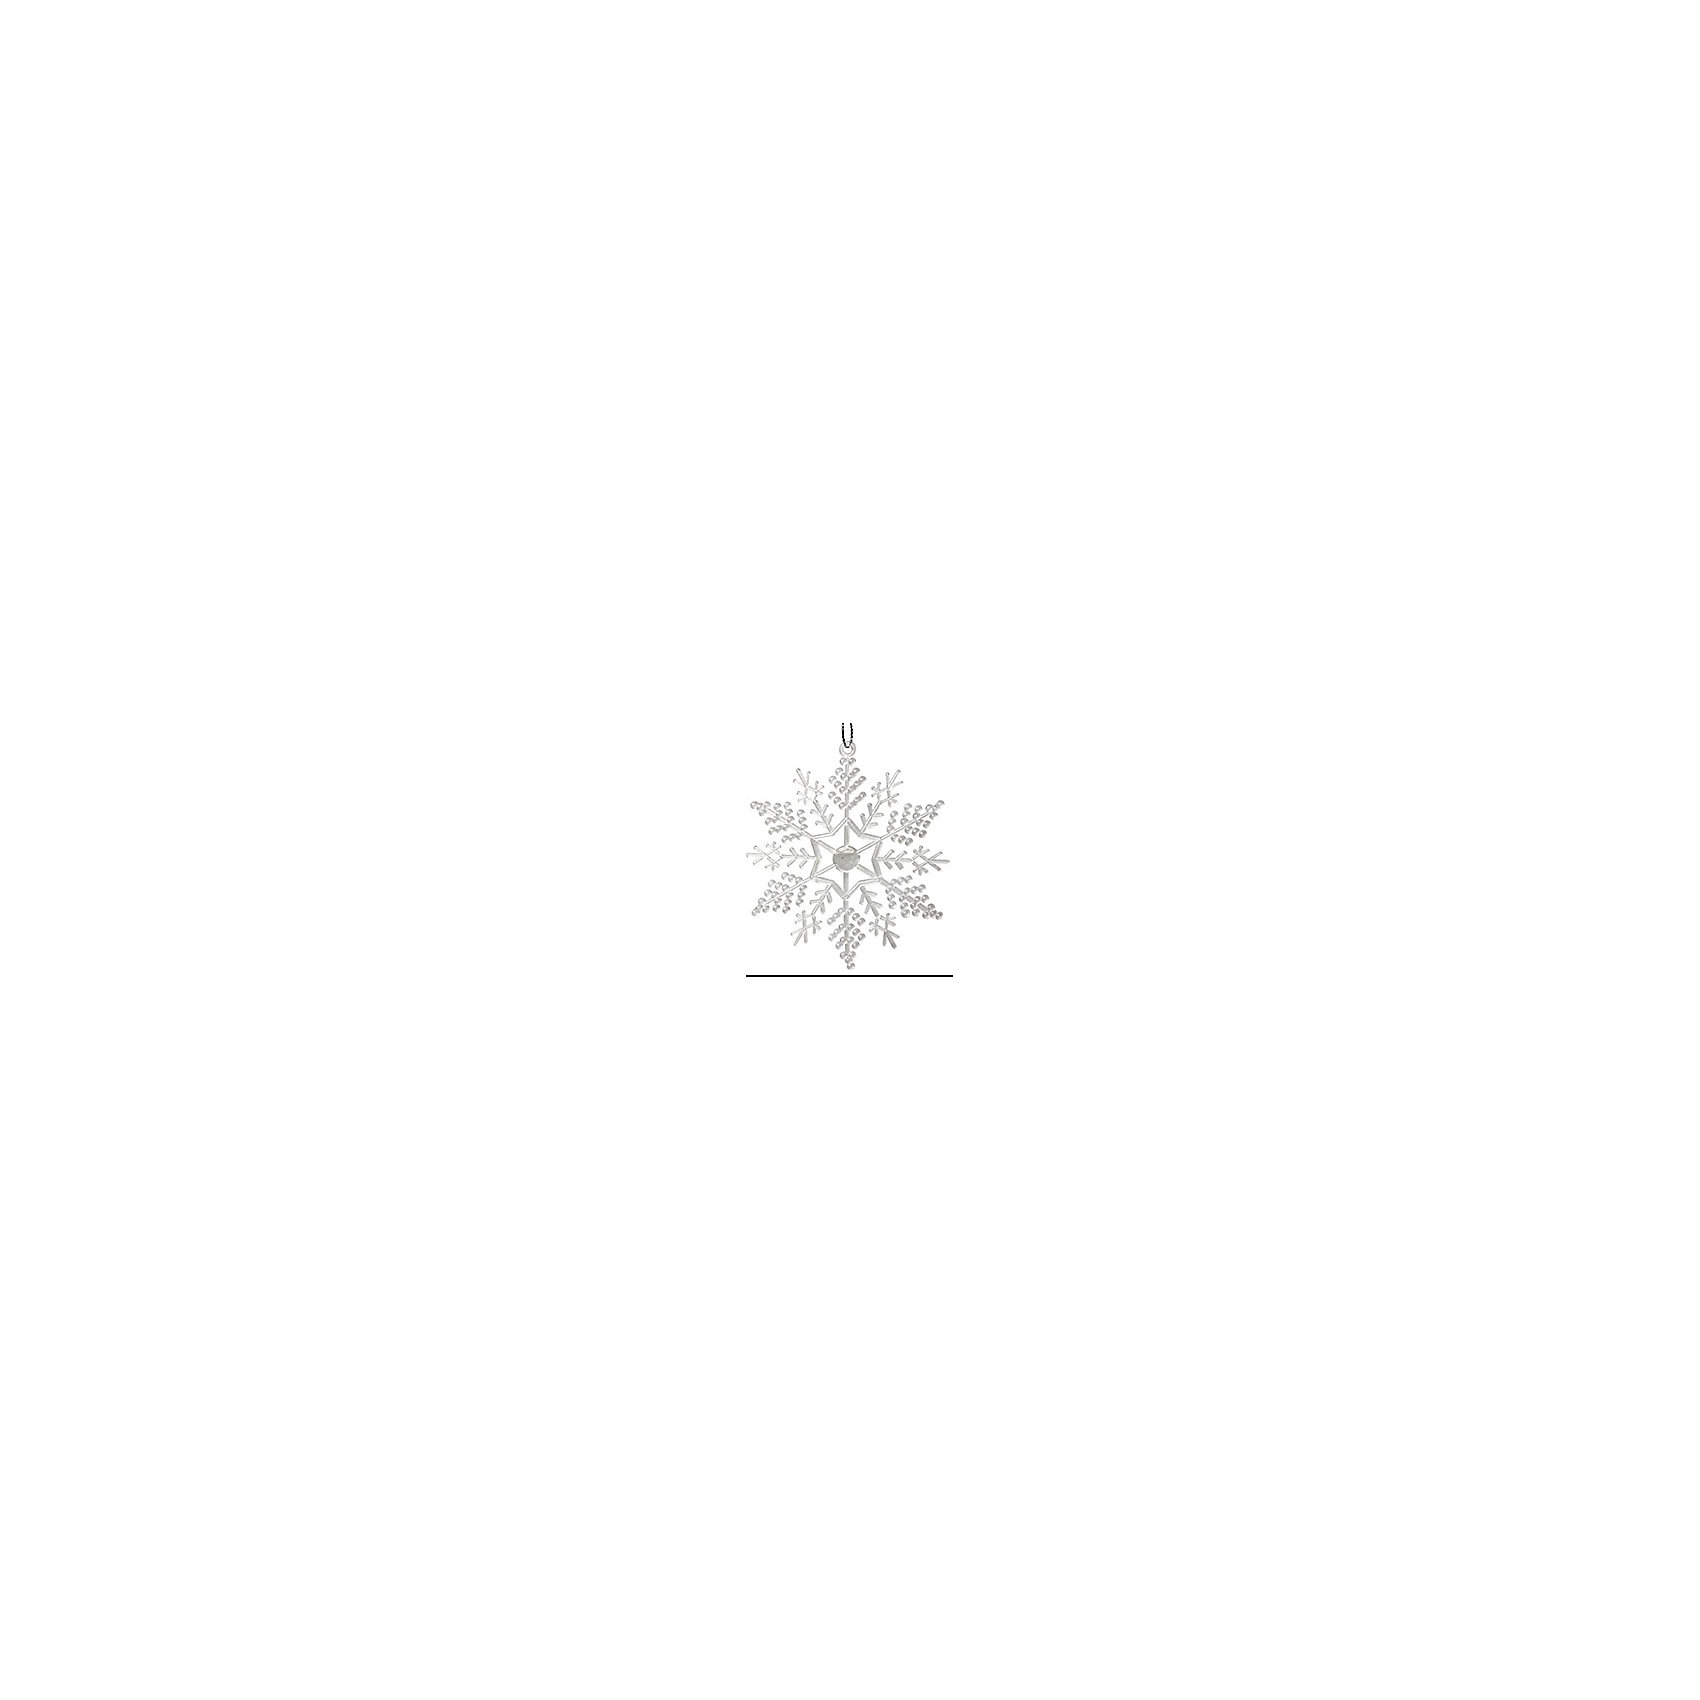 ёл. укр. набор снежинок 3шт.CLASSIC WHITE 10смЁлочные игрушки<br>Новогодние  и елочные украшения, в т.ч. пластиковые шары, украшения фигурные, изображающие представителей флоры, фауны, сказочных персонажей, верхушки, бусы, ветки, бантики, гирлянды и фонарики  (без подключения к сети переменного тока), конфетти, мишура, дождик, серпантин,  панно, венки, ели, ленты декоративные<br><br>Ширина мм: 180<br>Глубина мм: 5<br>Высота мм: 180<br>Вес г: 16<br>Возраст от месяцев: 36<br>Возраст до месяцев: 2147483647<br>Пол: Унисекс<br>Возраст: Детский<br>SKU: 5101075